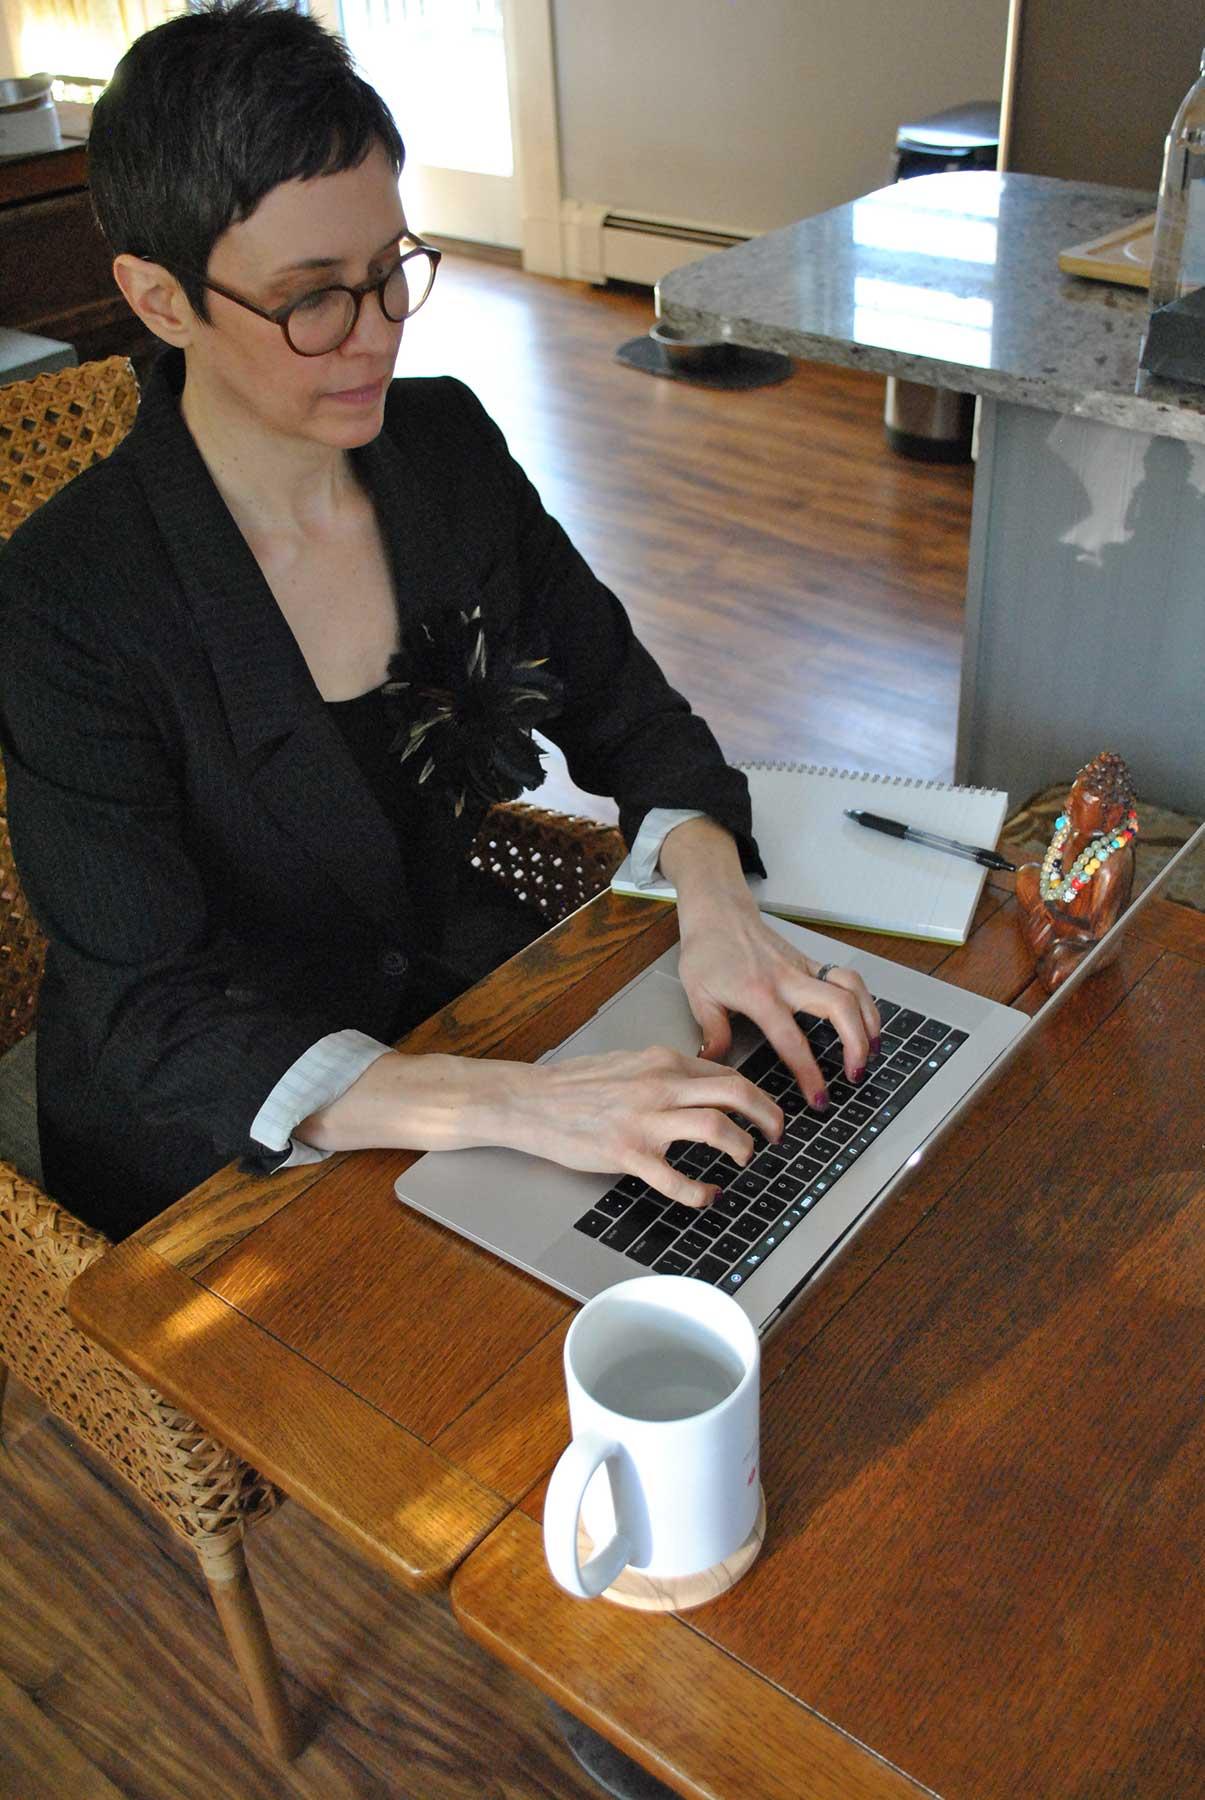 at-keyboard.jpg